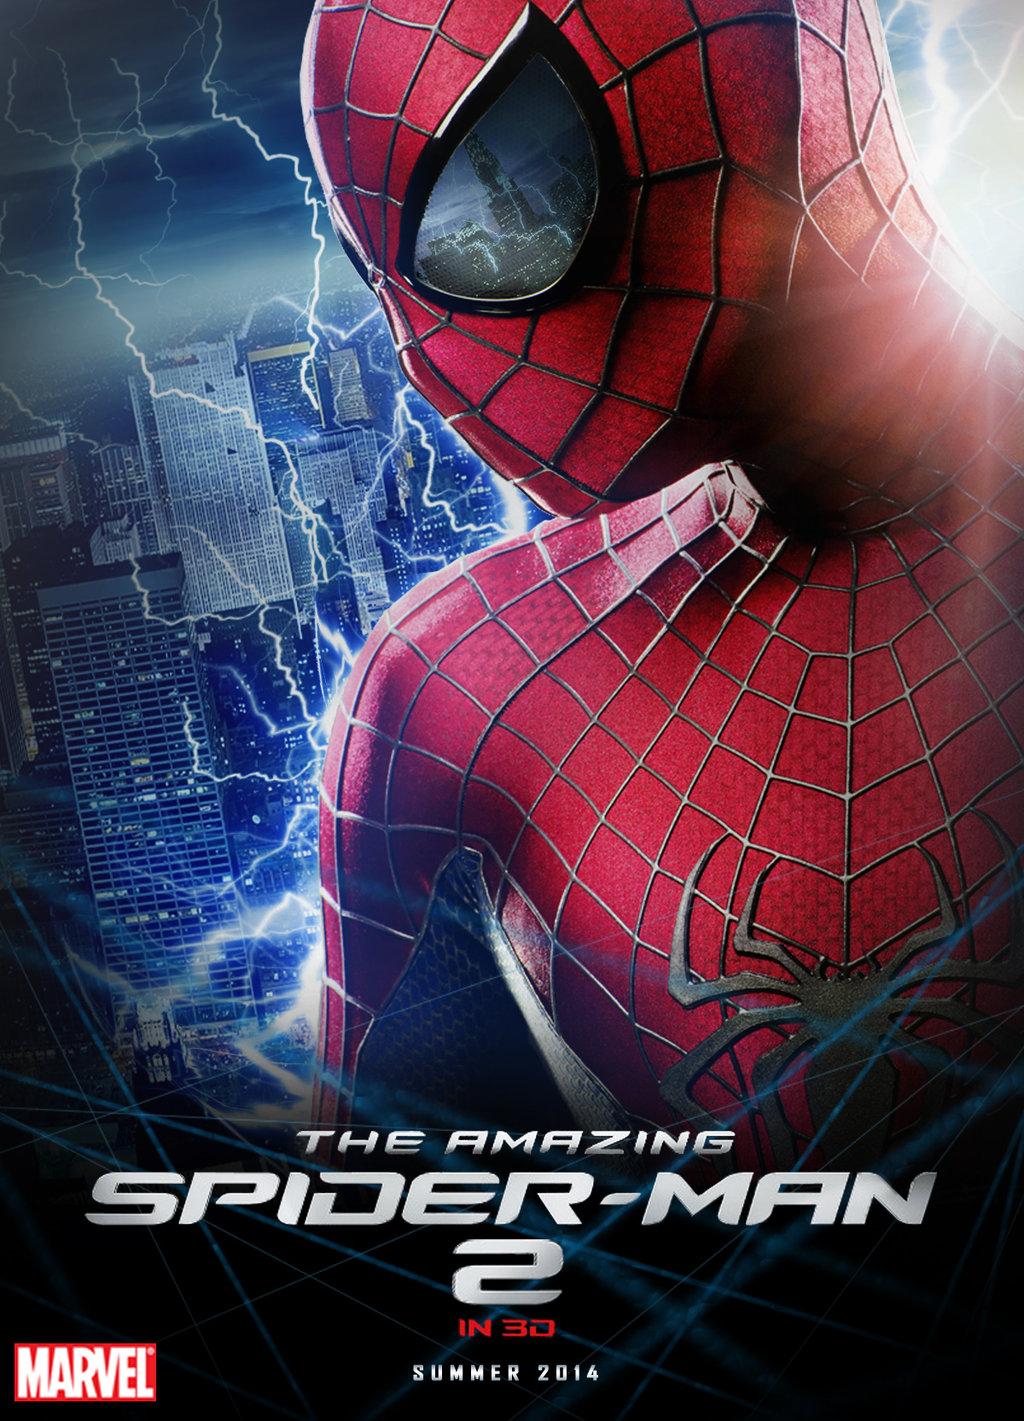 The amazing-spiderman-2